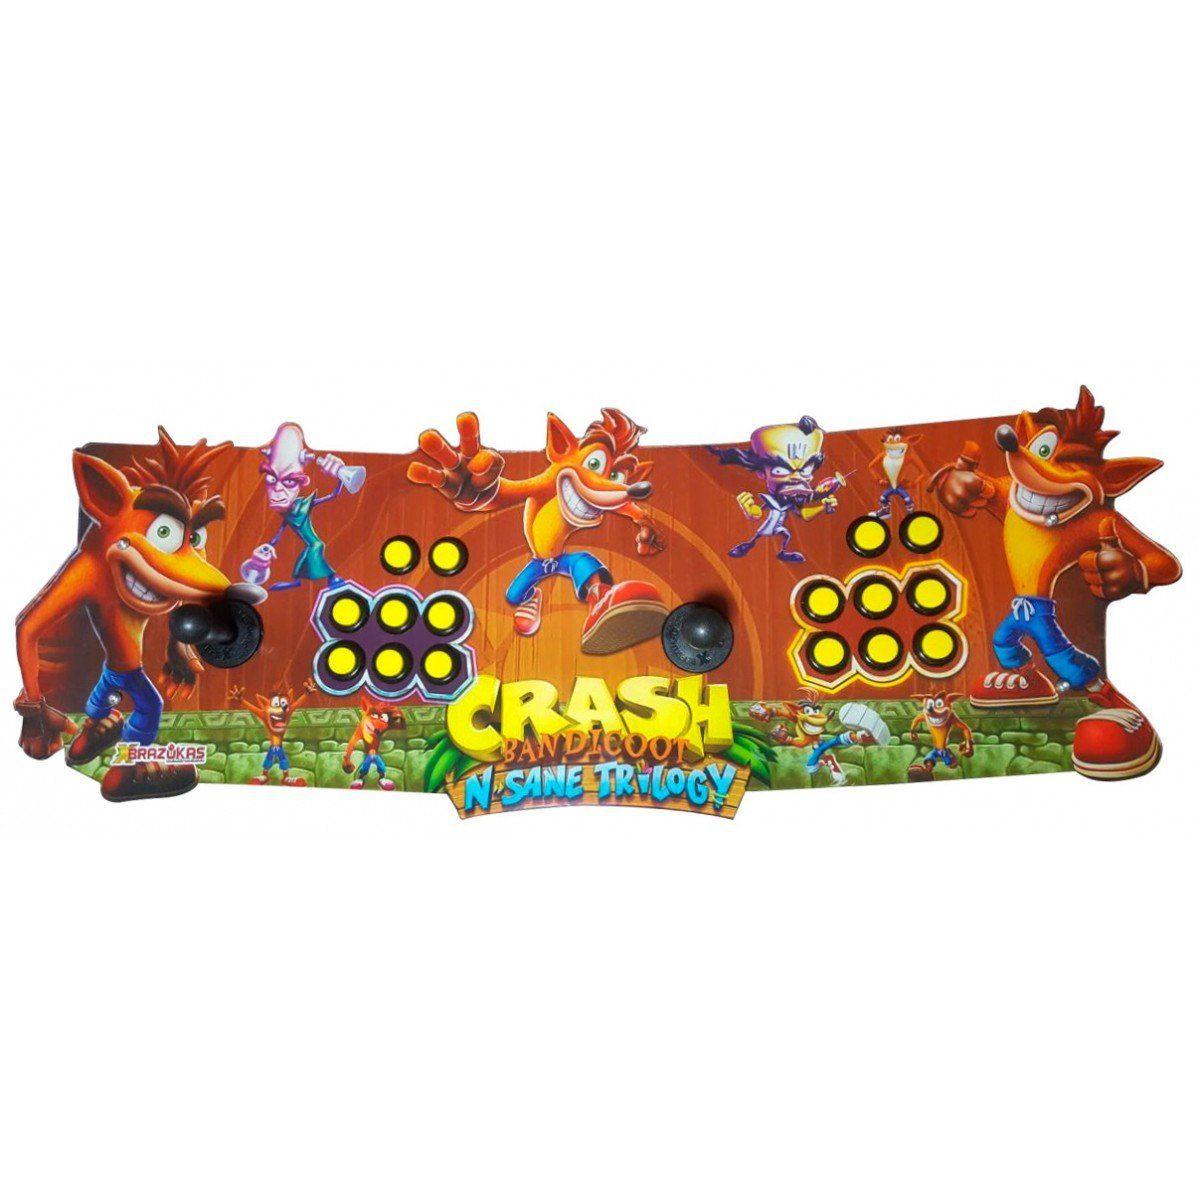 Arcade Fliperama Portatil com 14 mil Jogos desenho do Crash